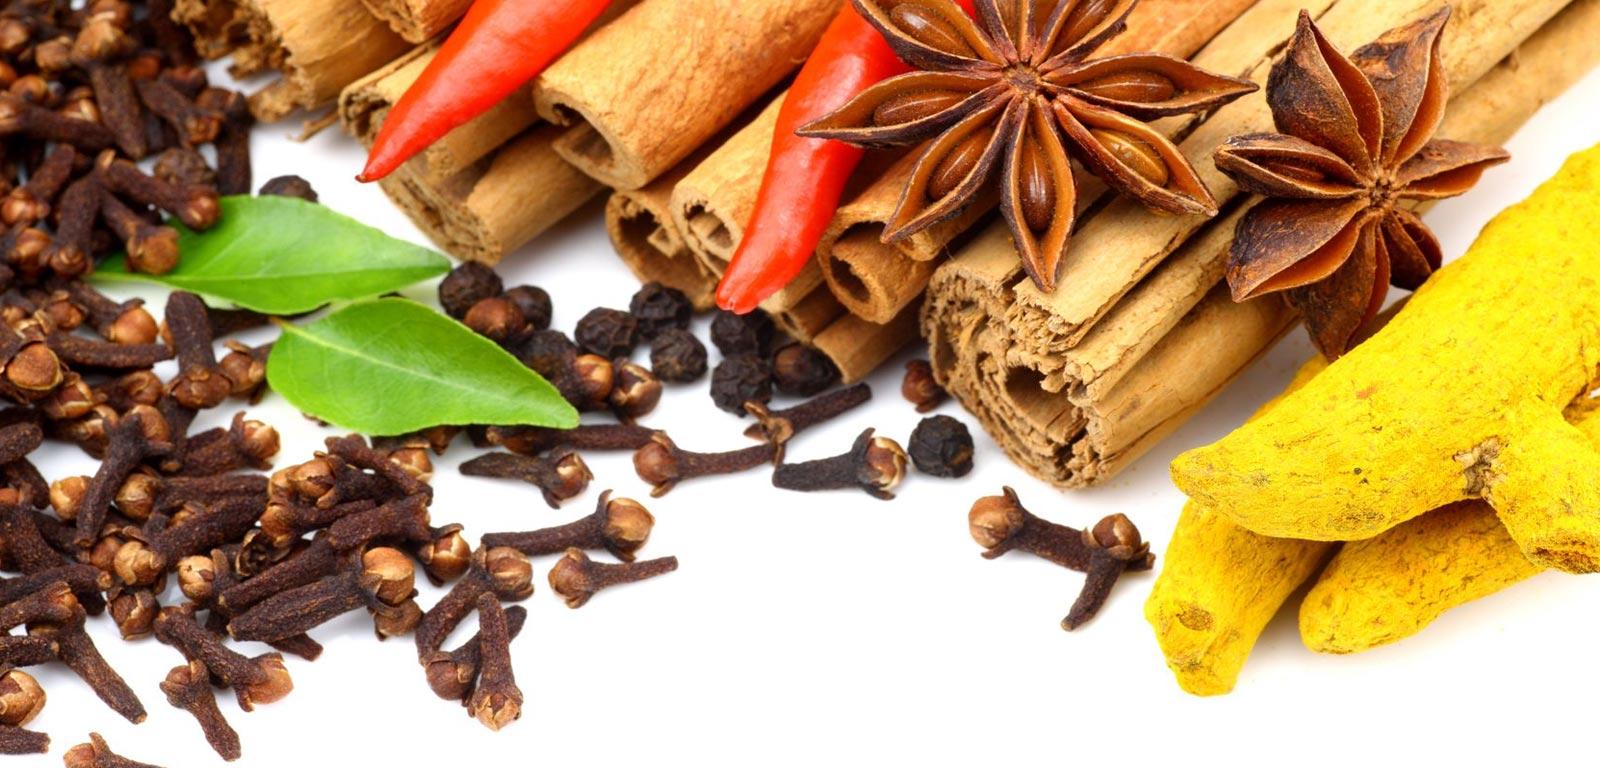 kairali ayurvedic group ayurveda remedies ayurvedic oil